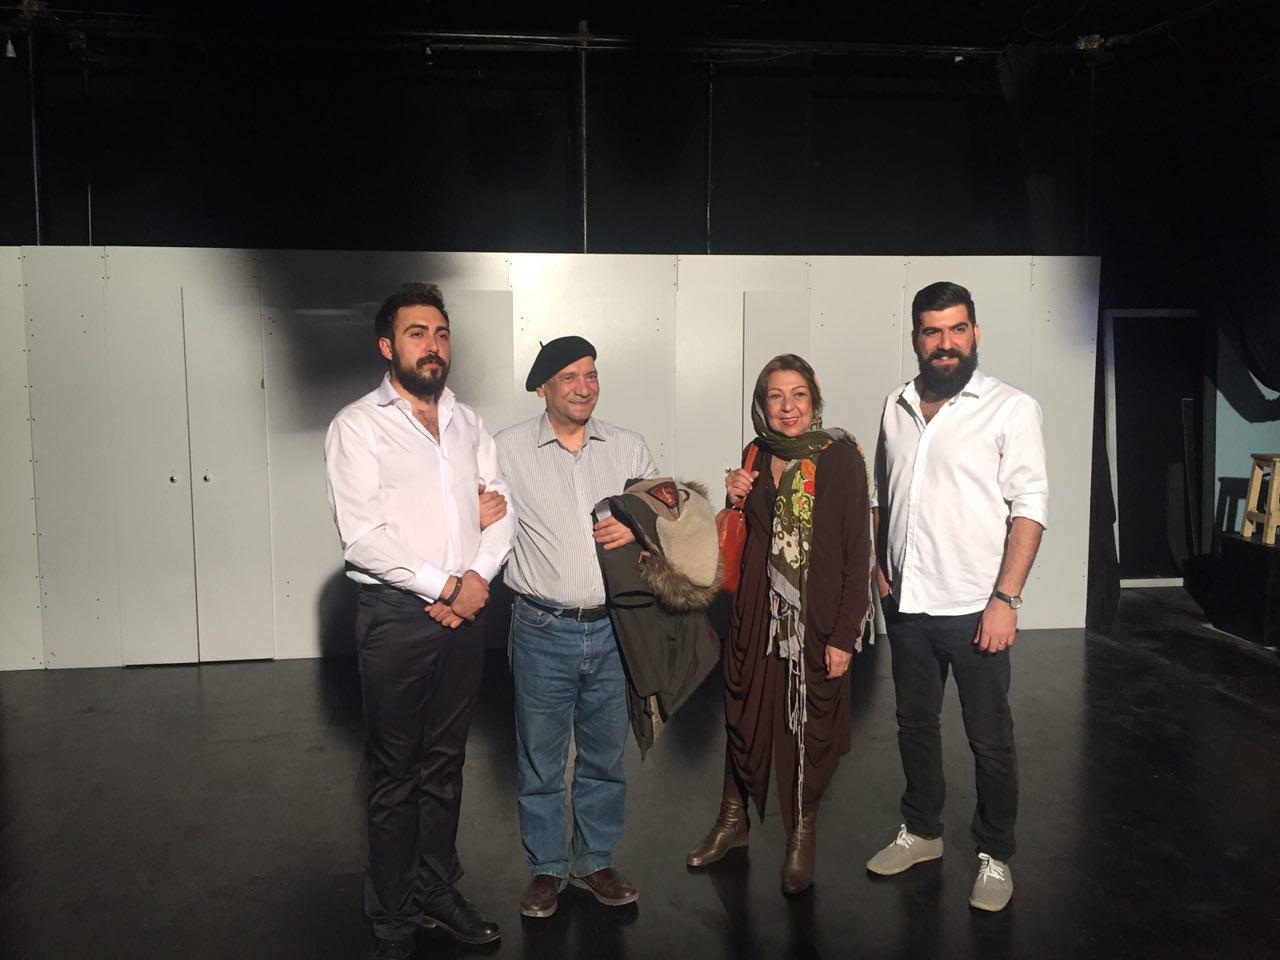 زنگ افتتاح نمایش «بازگشت به خانه» به صدا در امد